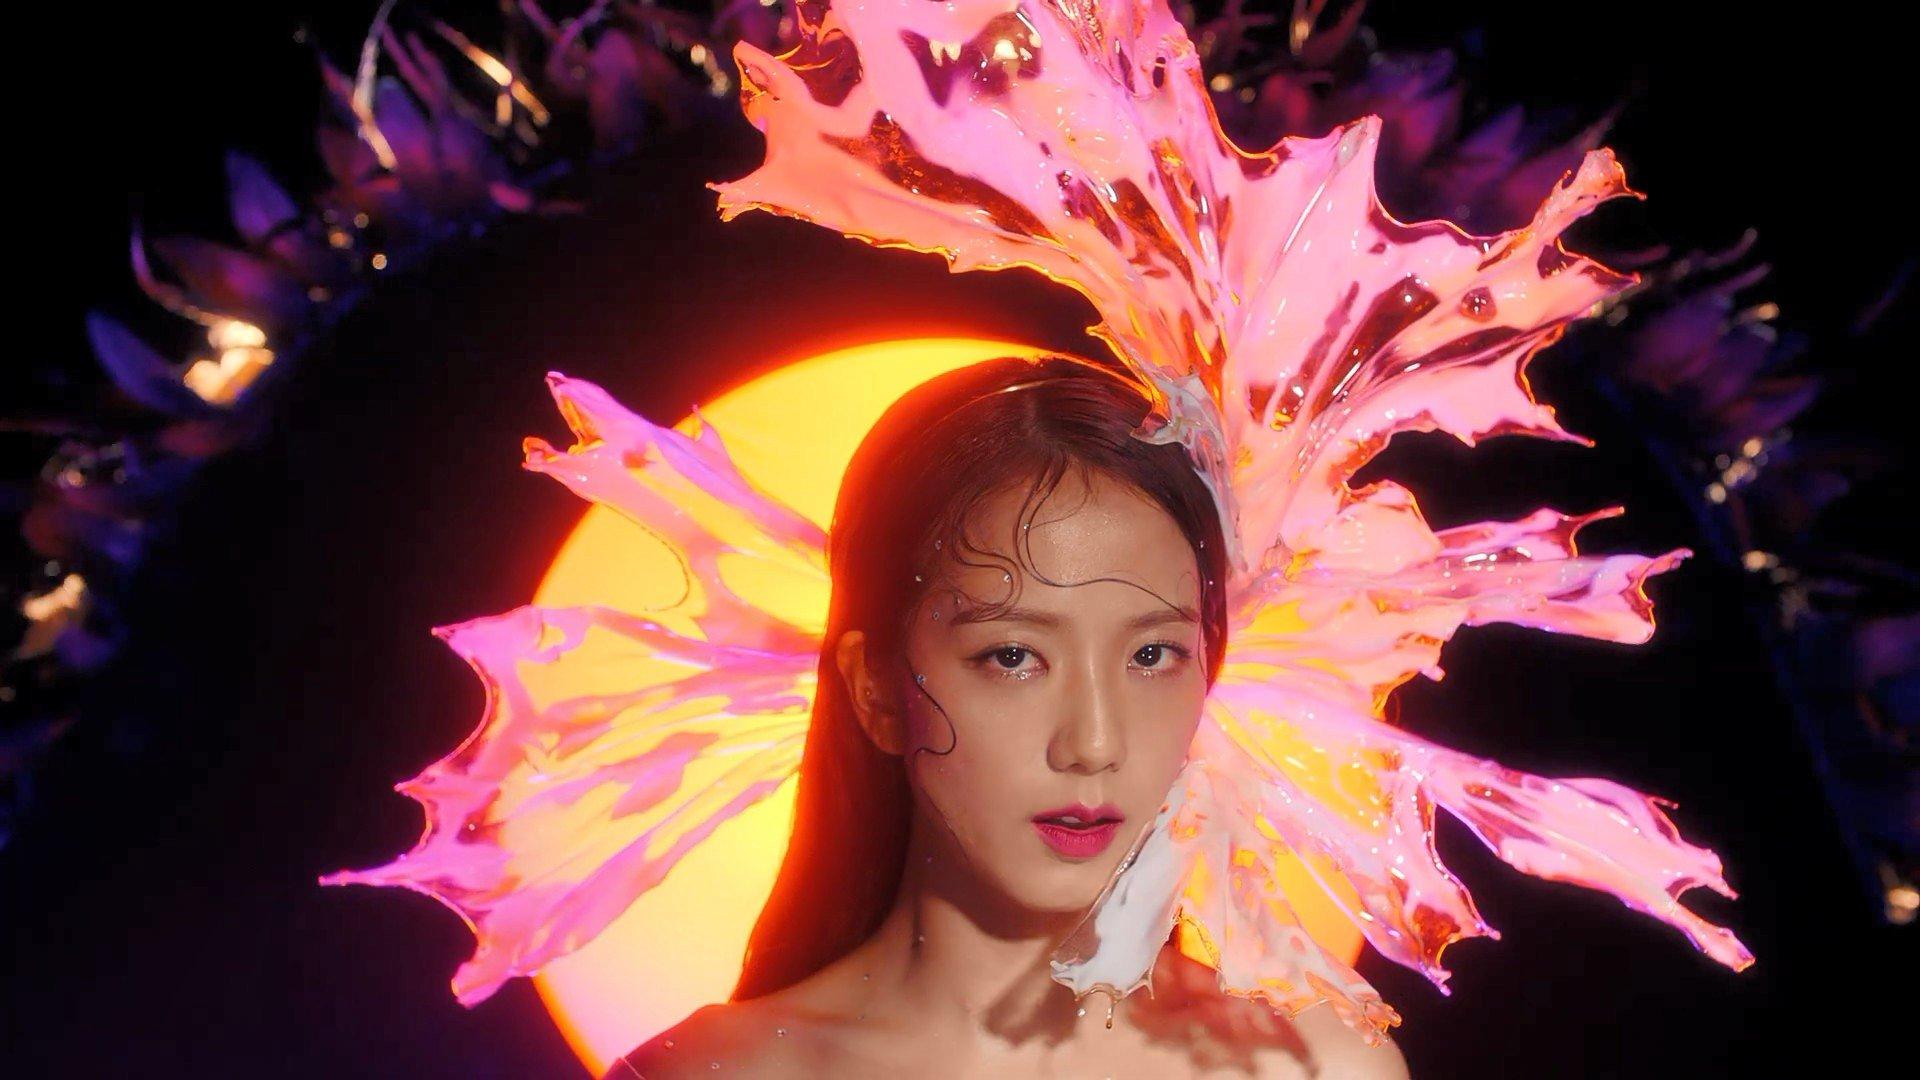 Jisoo in 'How You Like That'.